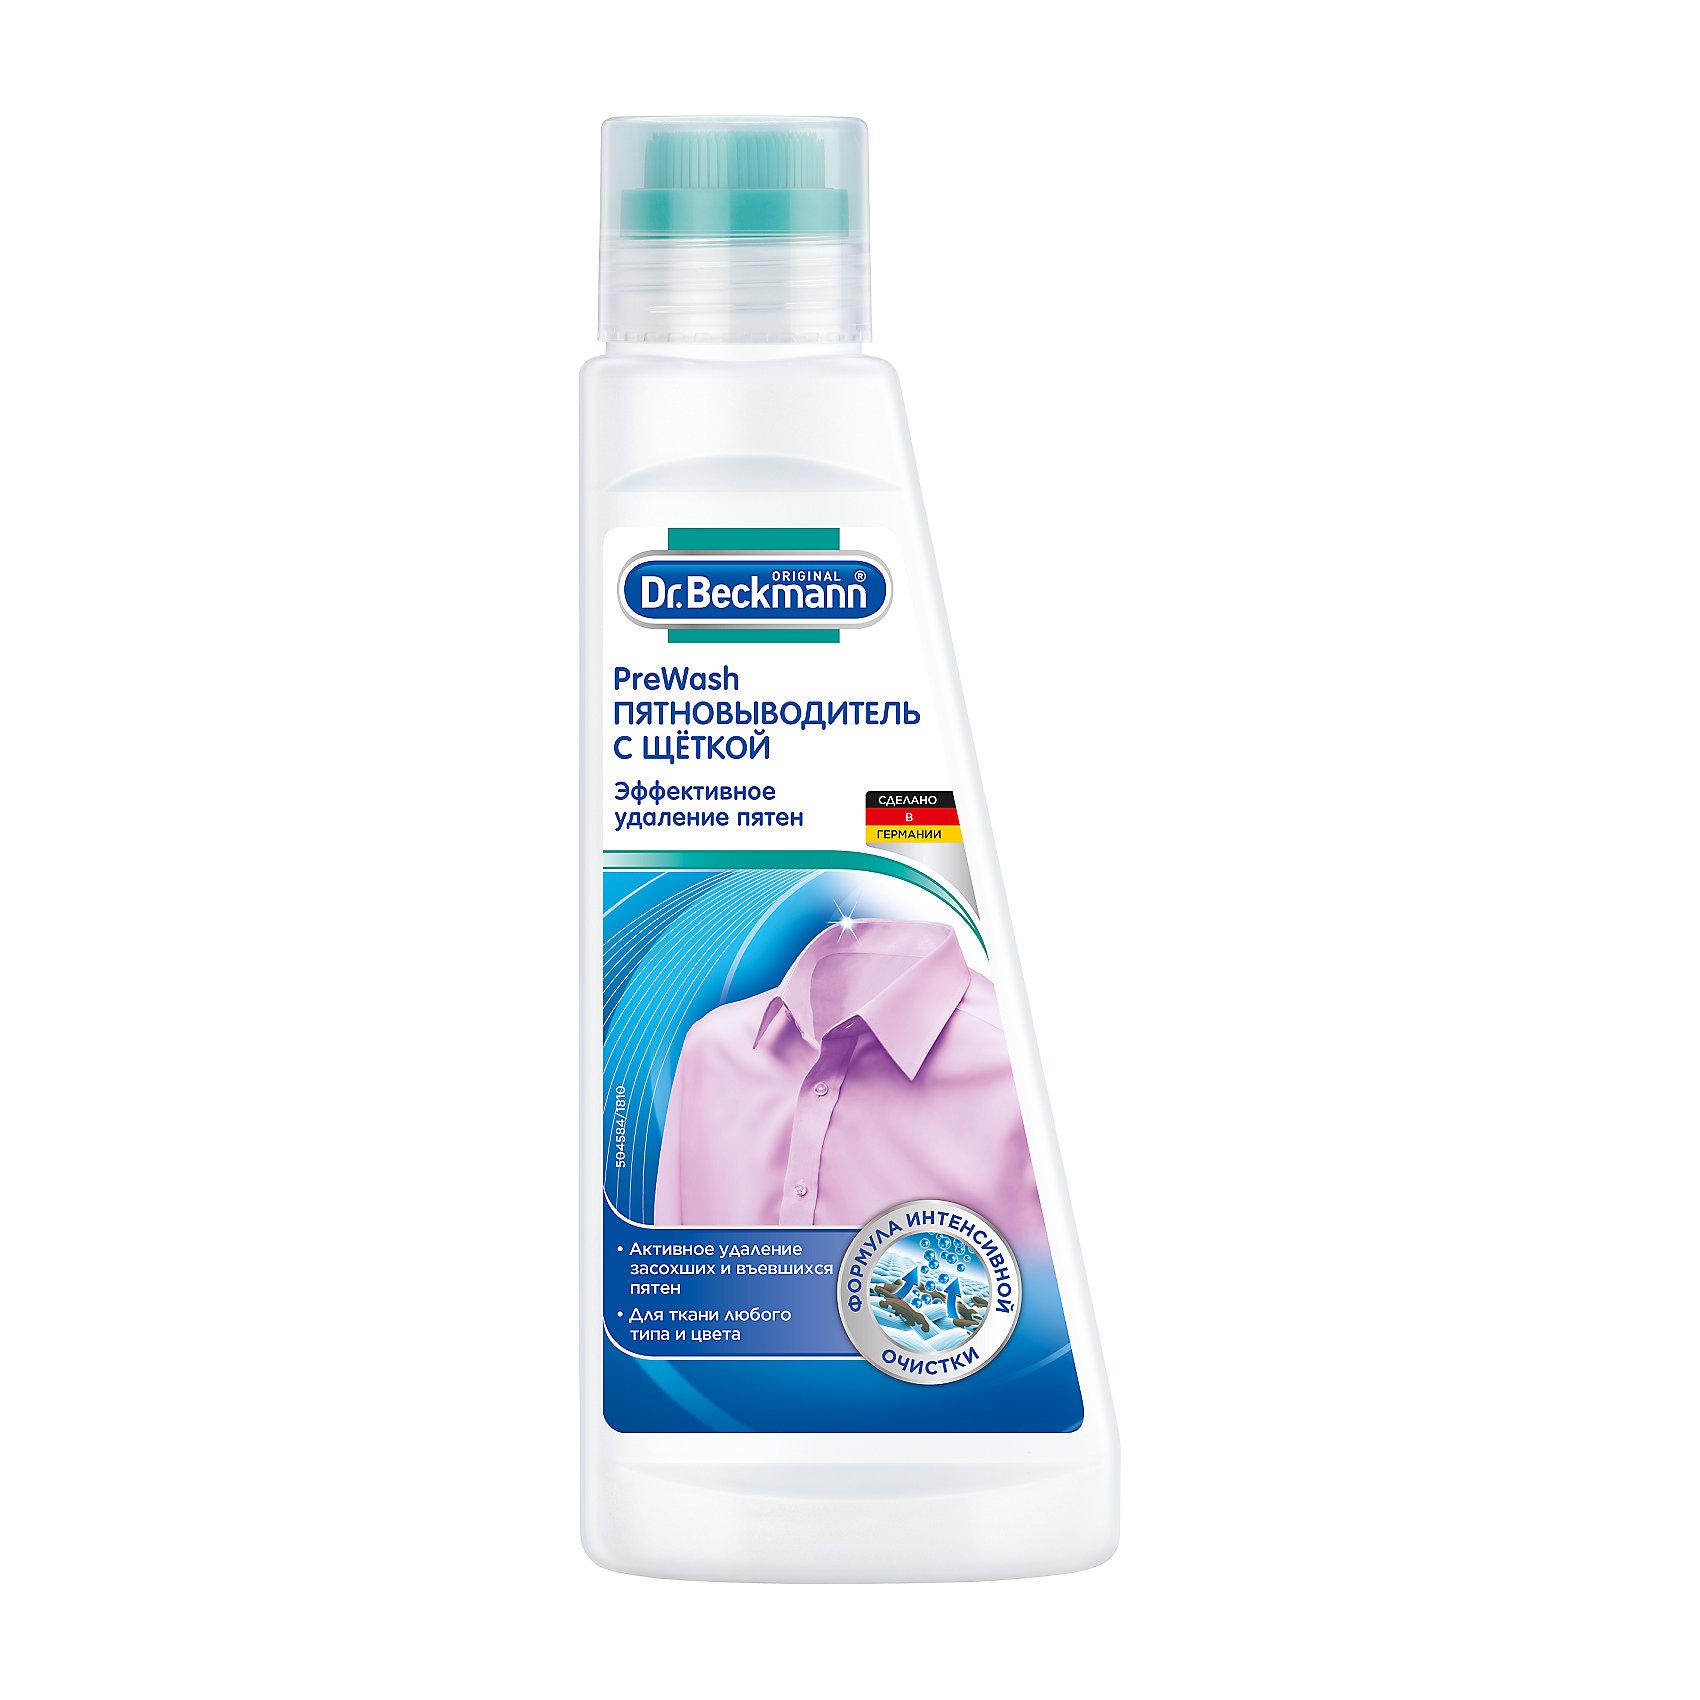 Пятновыводитель с щеткой, 250 мл (Pre Wash), Dr.BeckmannБытовая химия<br>Характеристики товара:<br><br>• объем: 250 мл<br>• упаковка: пластик<br>• страна бренда: Германия<br>• страна изготовитель: Германия<br><br>Удобство упаковки нового пятновыводителя – его главное достоинство. Пятновыводители – незаменимый помощник при стирке. Они с легкостью удалят самые сложные загрязнения, не повреждая при этом ткань. Пятновыводитель необходимо наносить на материал перед стиркой, затем стирать вещь в обычном режиме. <br><br>На пластиковой упаковке установлена специальная щетка для удобства нанесения средства. Материалы, использованные при изготовлении товара, сертифицированы и отвечают всем международным требованиям по качеству.<br><br>Пятновыводитель с щеткой, 250 мл (Pre Wash) от производителя Dr.Beckmann (Др. Бекманн) можно приобрести в нашем интернет-магазине.<br><br>Ширина мм: 75<br>Глубина мм: 37<br>Высота мм: 205<br>Вес г: 303<br>Возраст от месяцев: 216<br>Возраст до месяцев: 1188<br>Пол: Унисекс<br>Возраст: Детский<br>SKU: 5185702